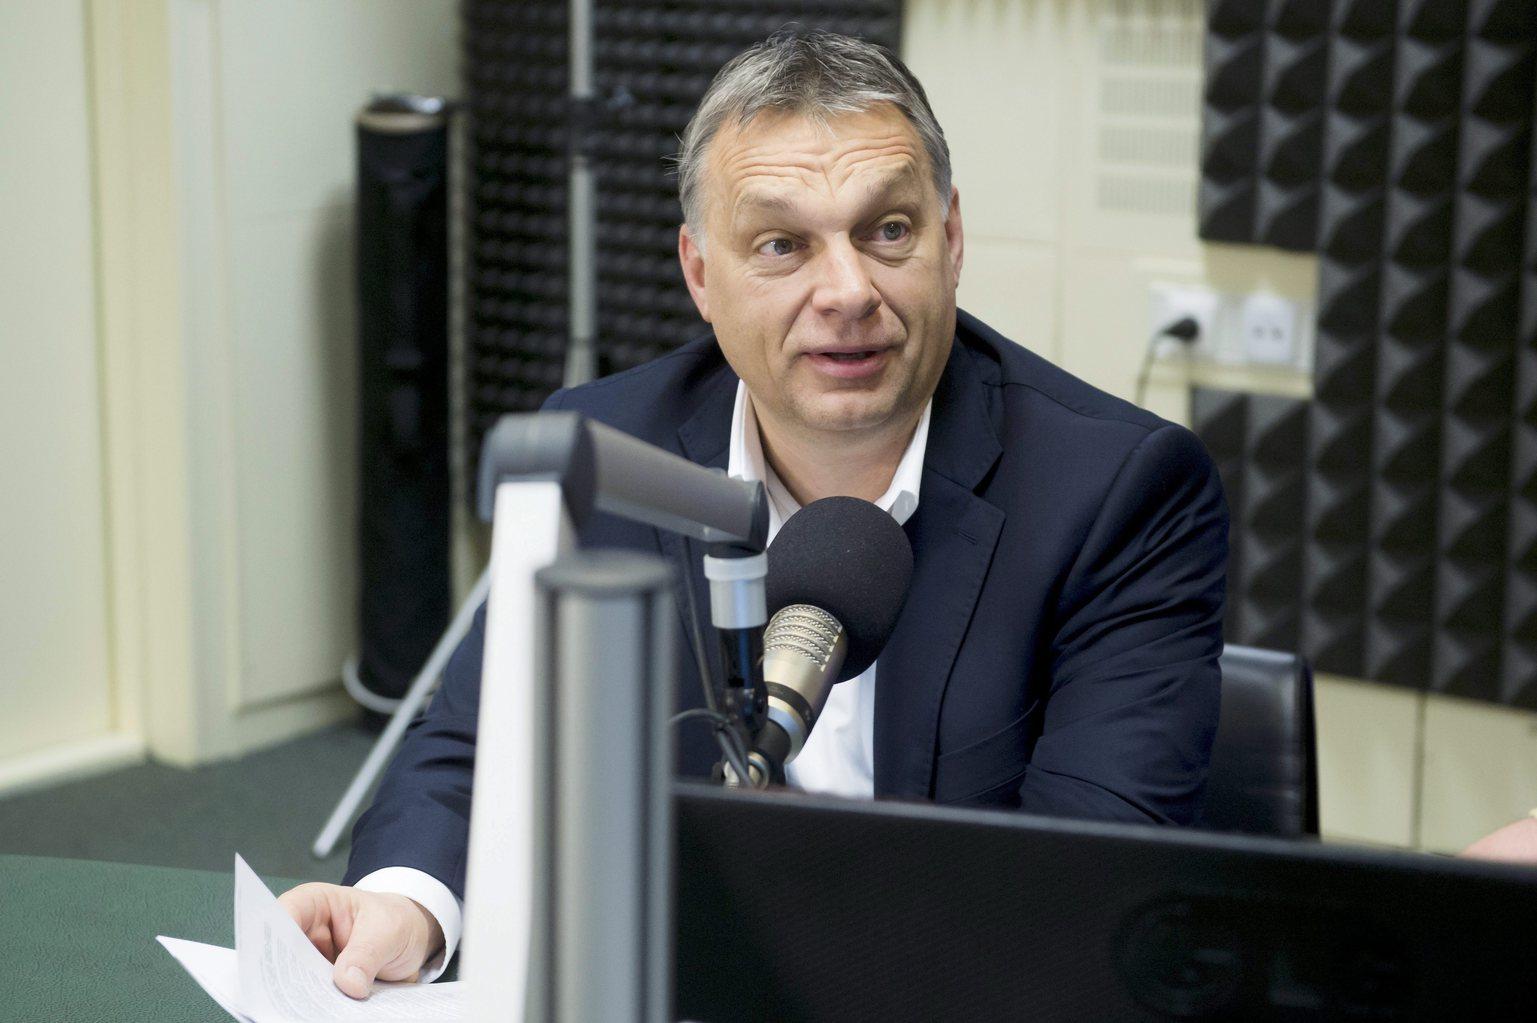 Orbán Viktor miniszterelnök a Magyar Rádió stúdiójában, ahol interjút ad a Kossuth Rádió 180 perc című műsorában 2016. március 4-én. MTI Fotó: Koszticsák Szilárd